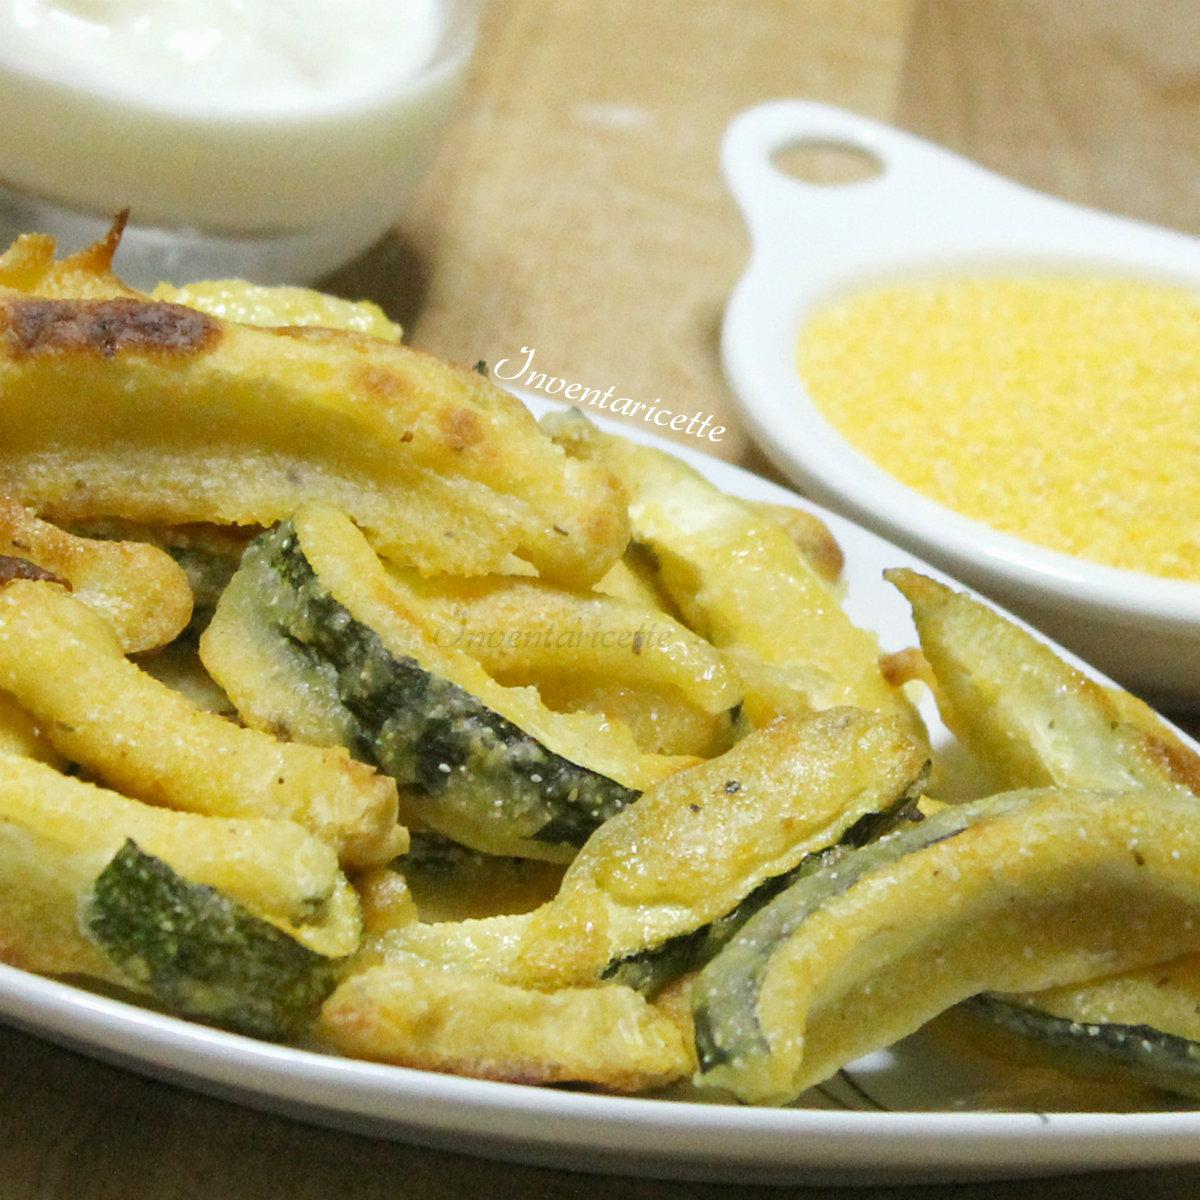 Zucchine esotiche inventaricette in cucina con maria for Ricette esotiche